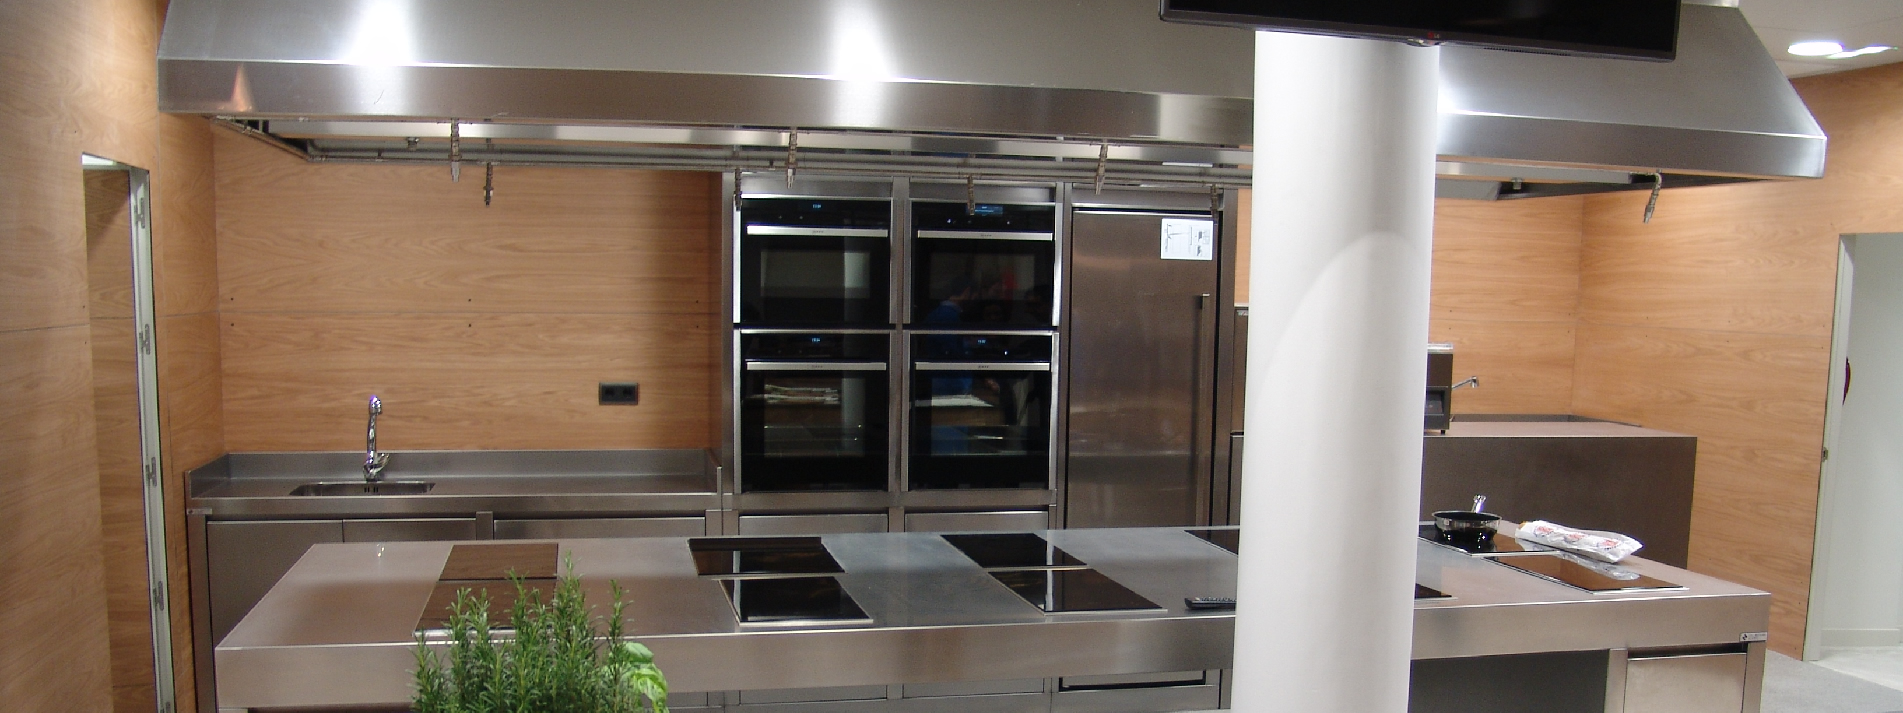 Cianco ha fabricado e instalado una nueva cocina profesional de acero inoxidable en el Hotel Maria Cristina